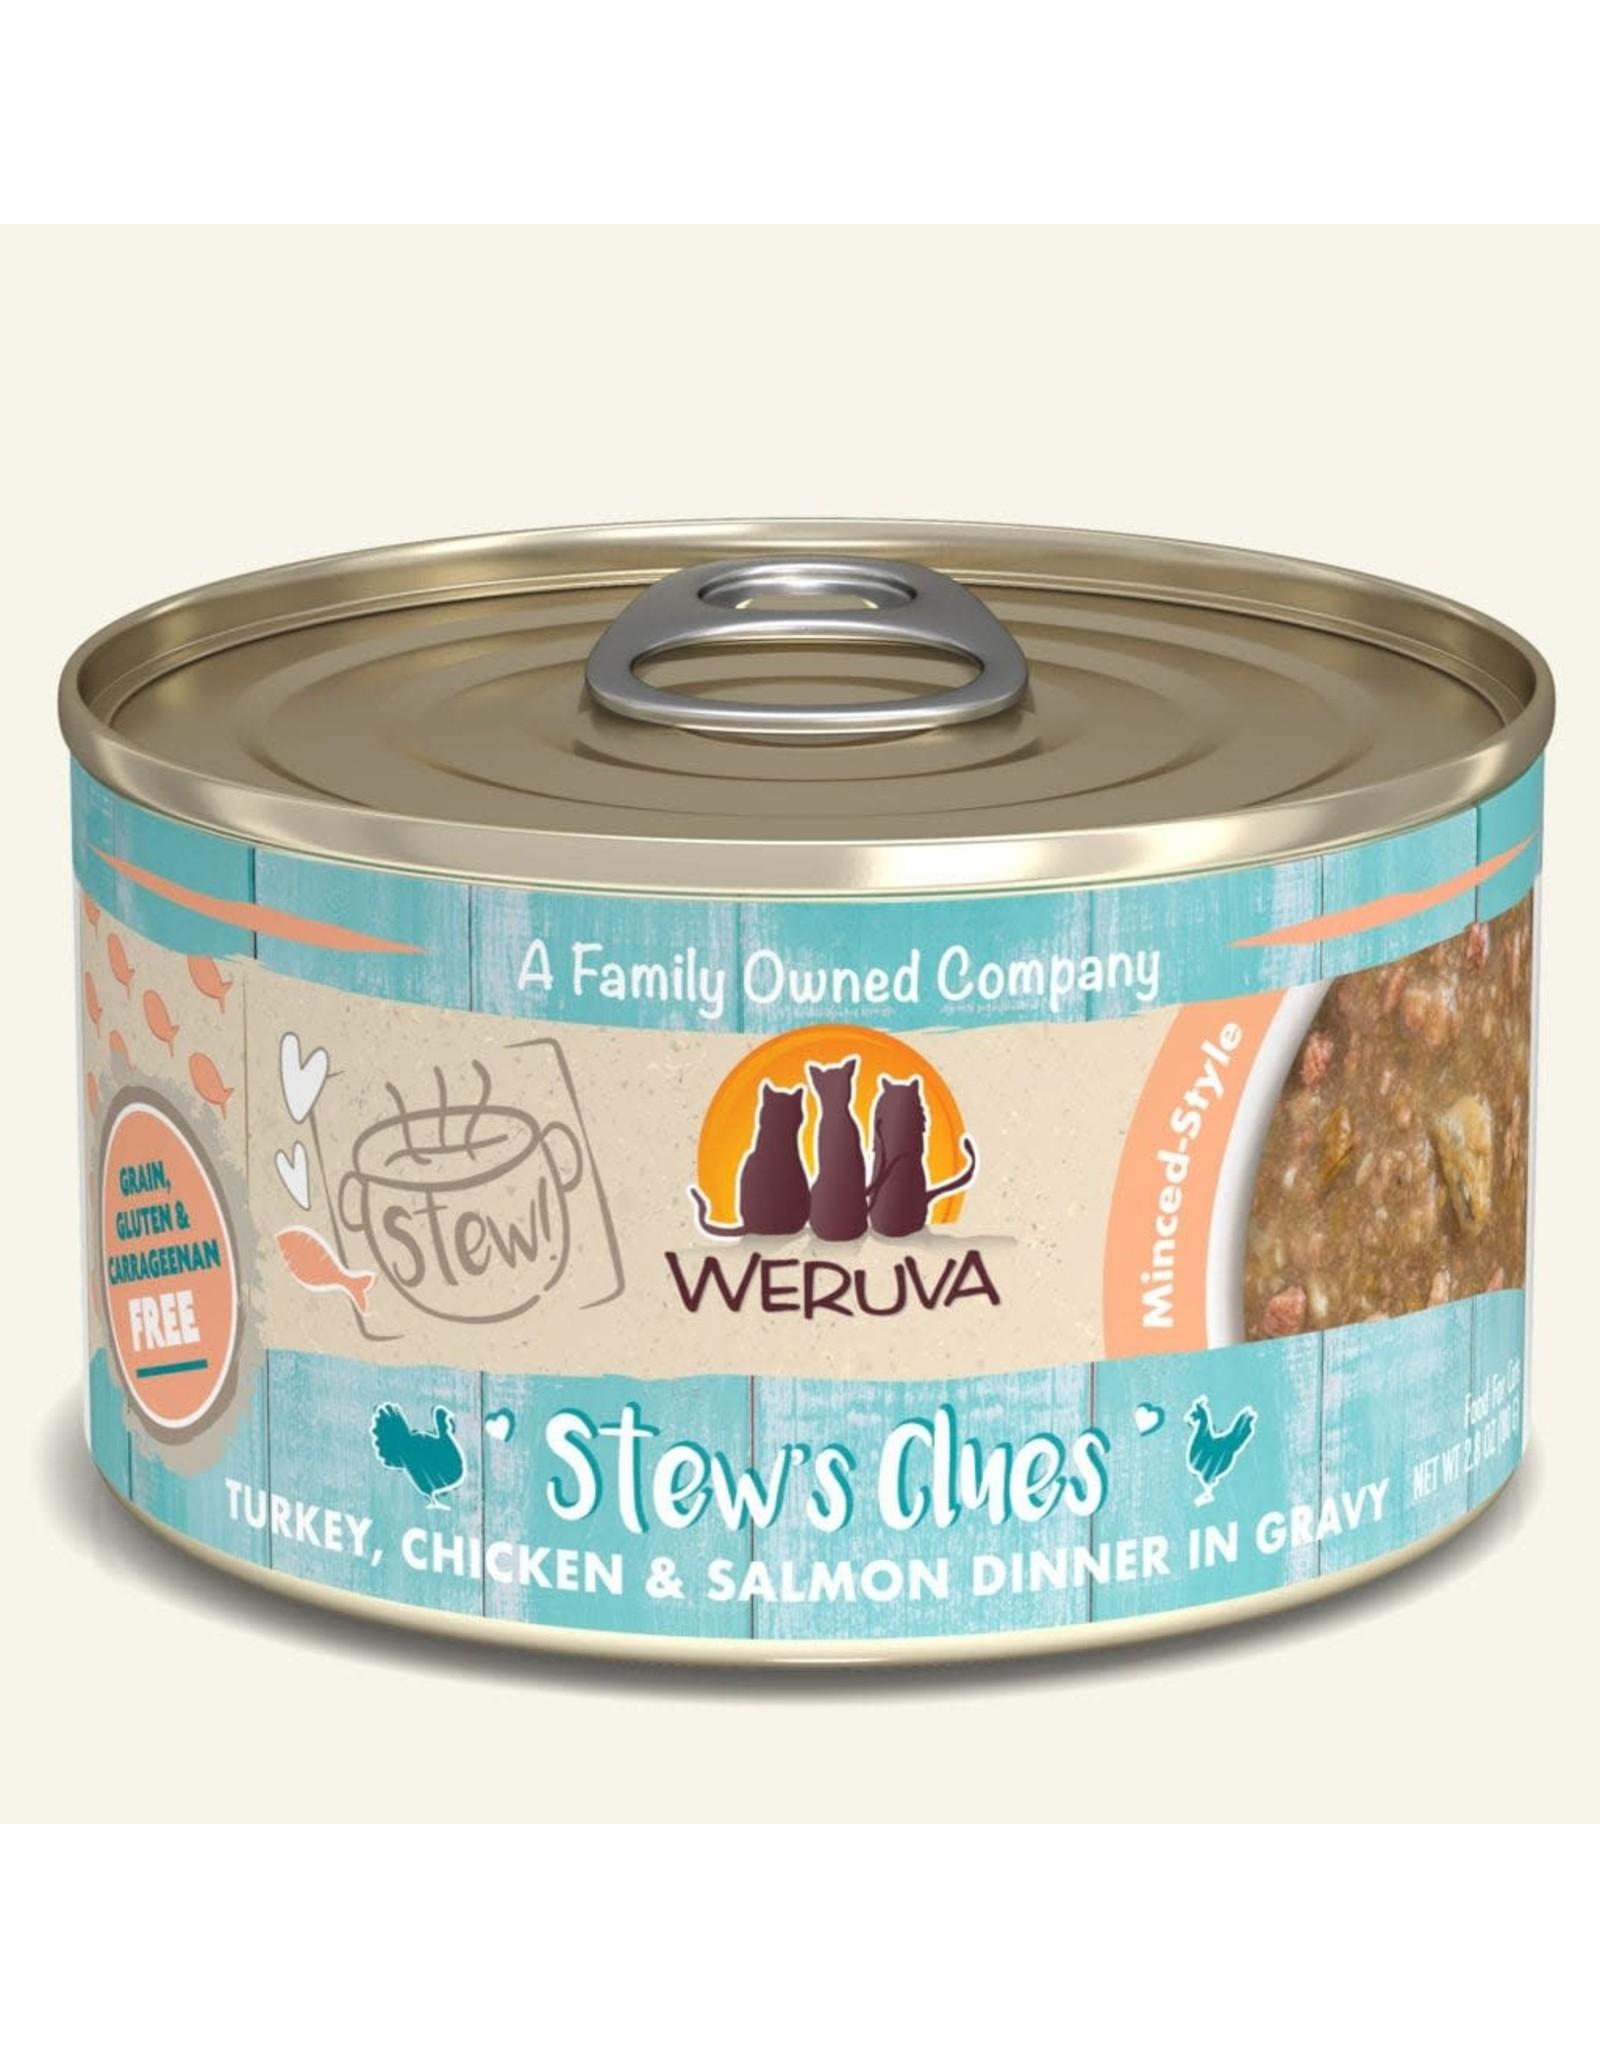 Weruva Weruva Stews Clues Turkey, Chicken & Salmon Dinner in Gravy Cat Food 2.8oz